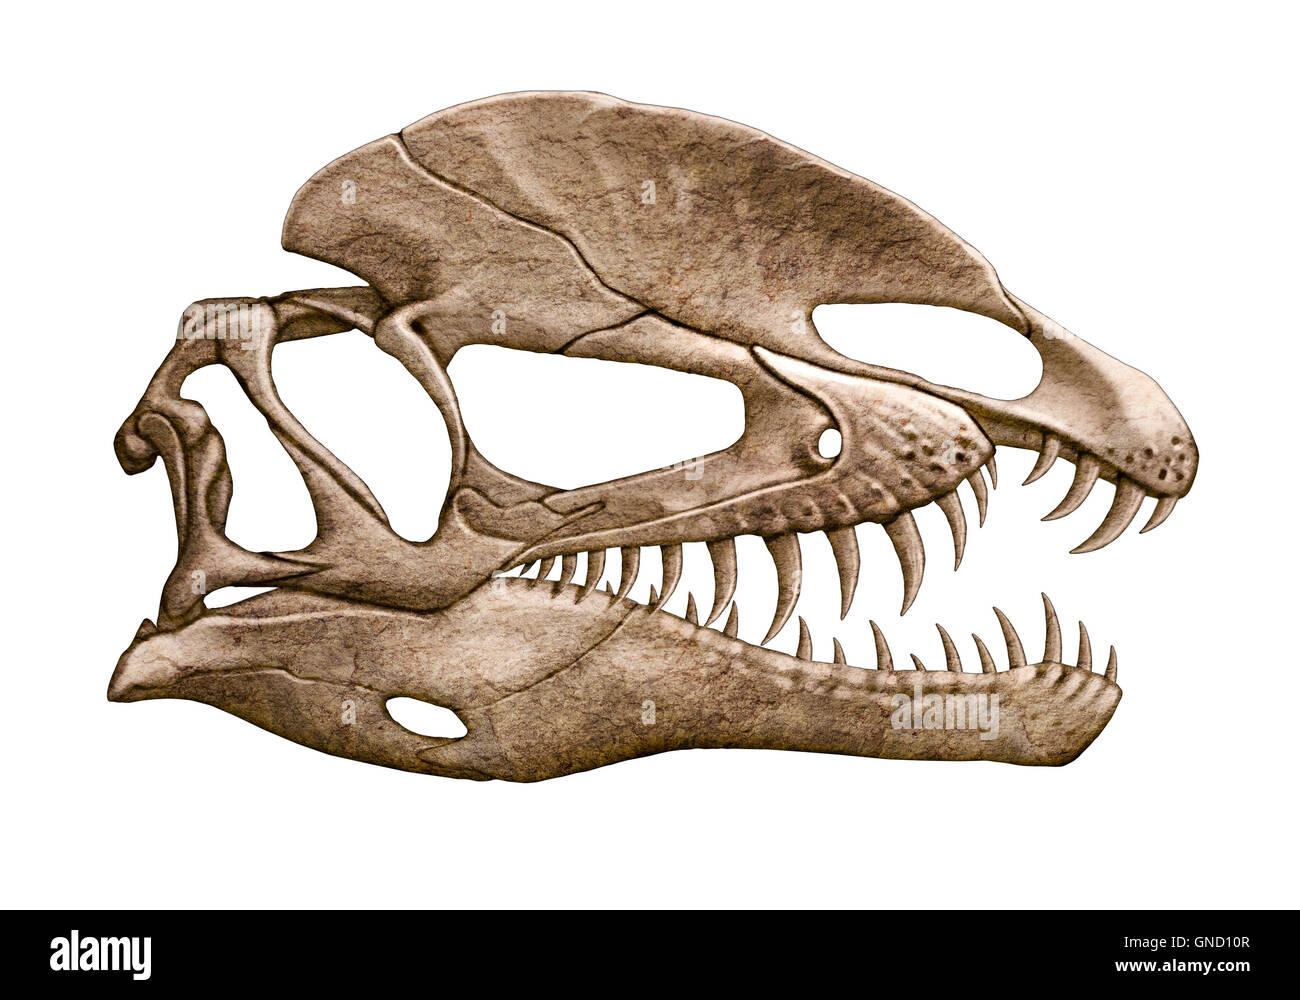 Dilophosaurus Skull isolated white background - Stock Image